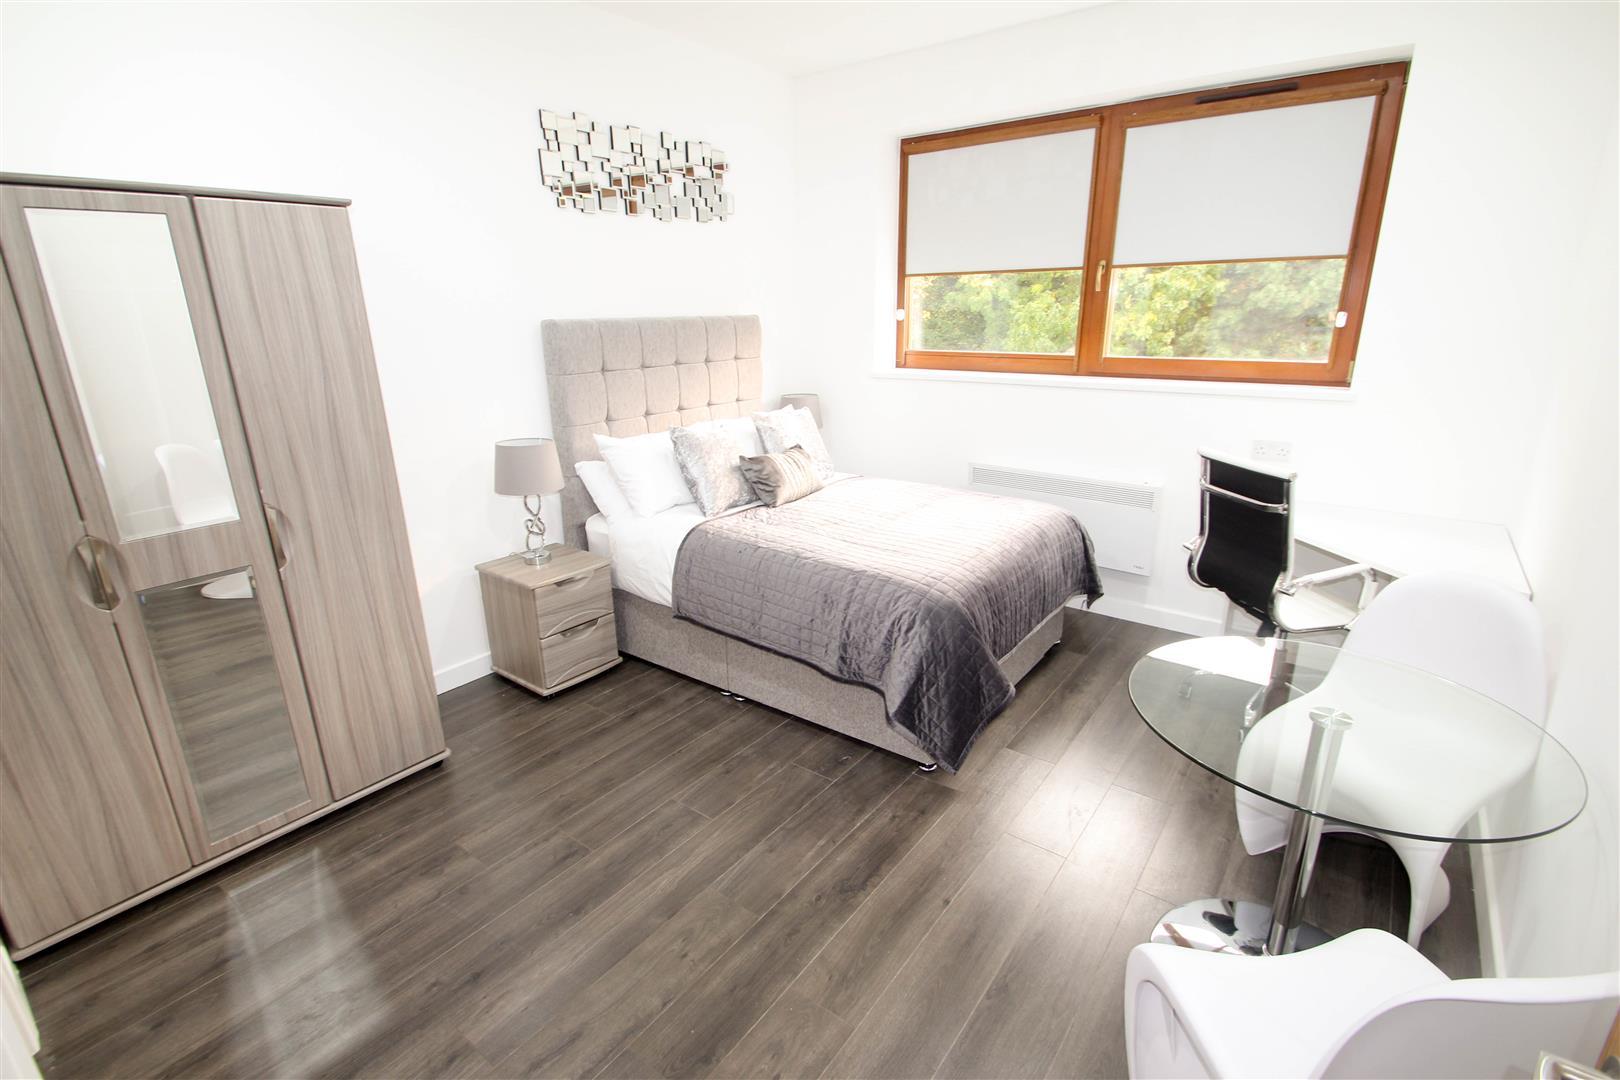 Rent A Studio Room Stoke On Trent